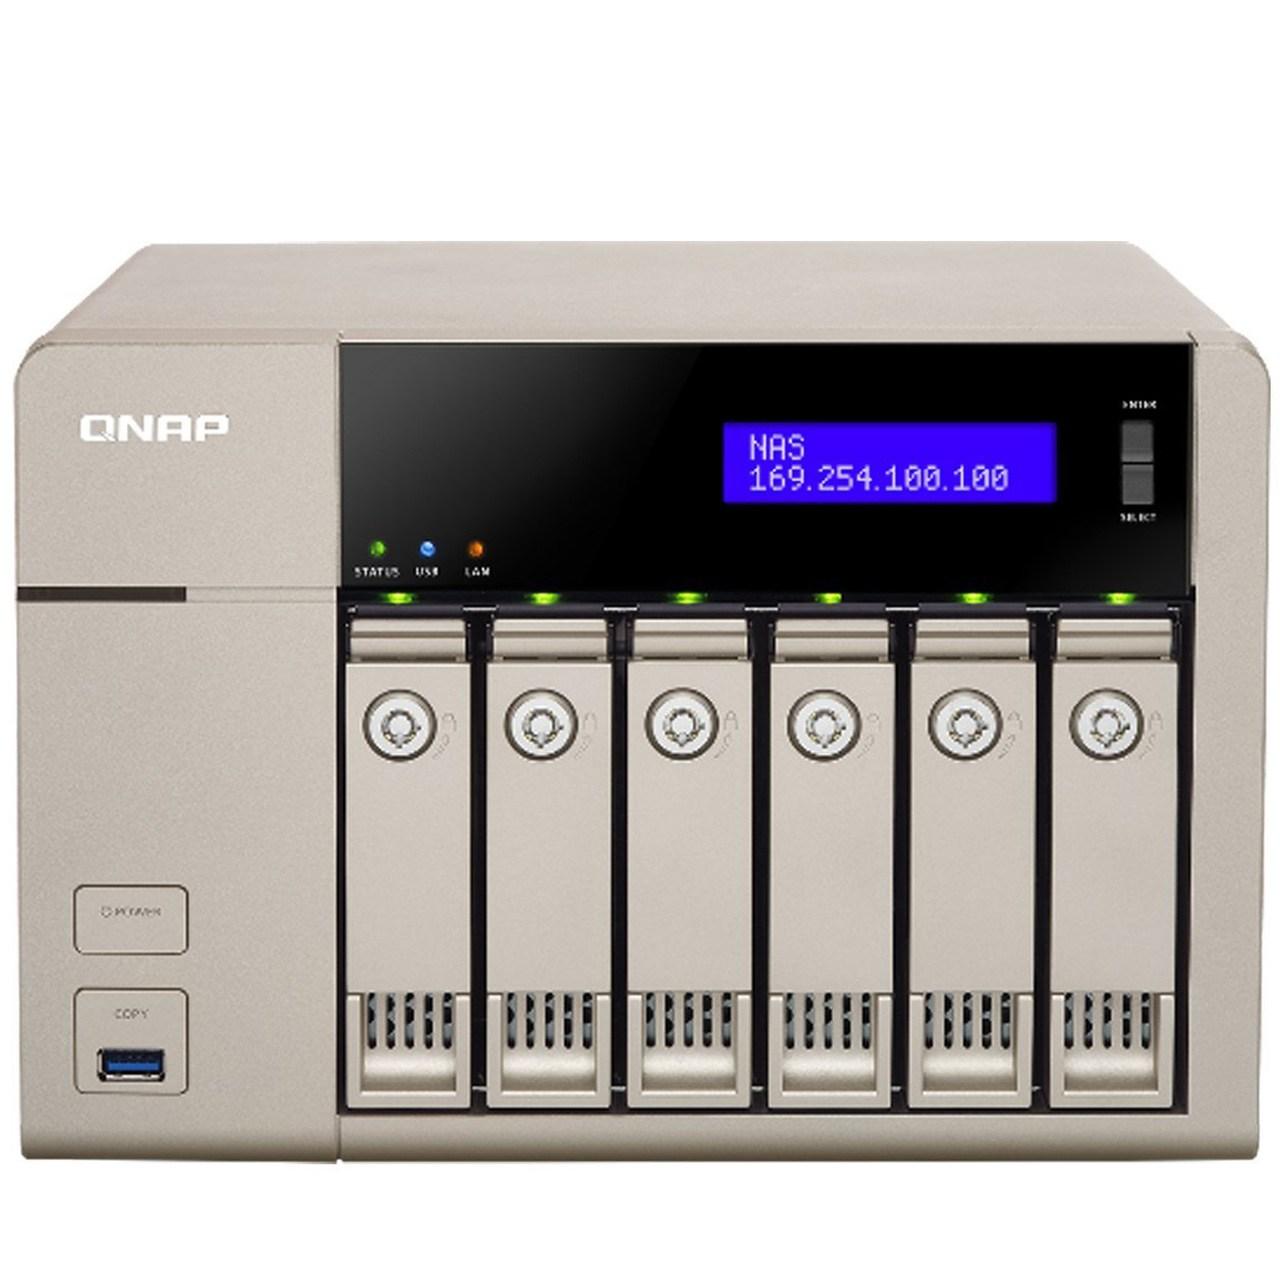 ذخیره ساز تحت شبکه کیونپ مدل TVS-663-4G بدون هارددیسک | QNAP TVS-663-4G NAS - Diskless